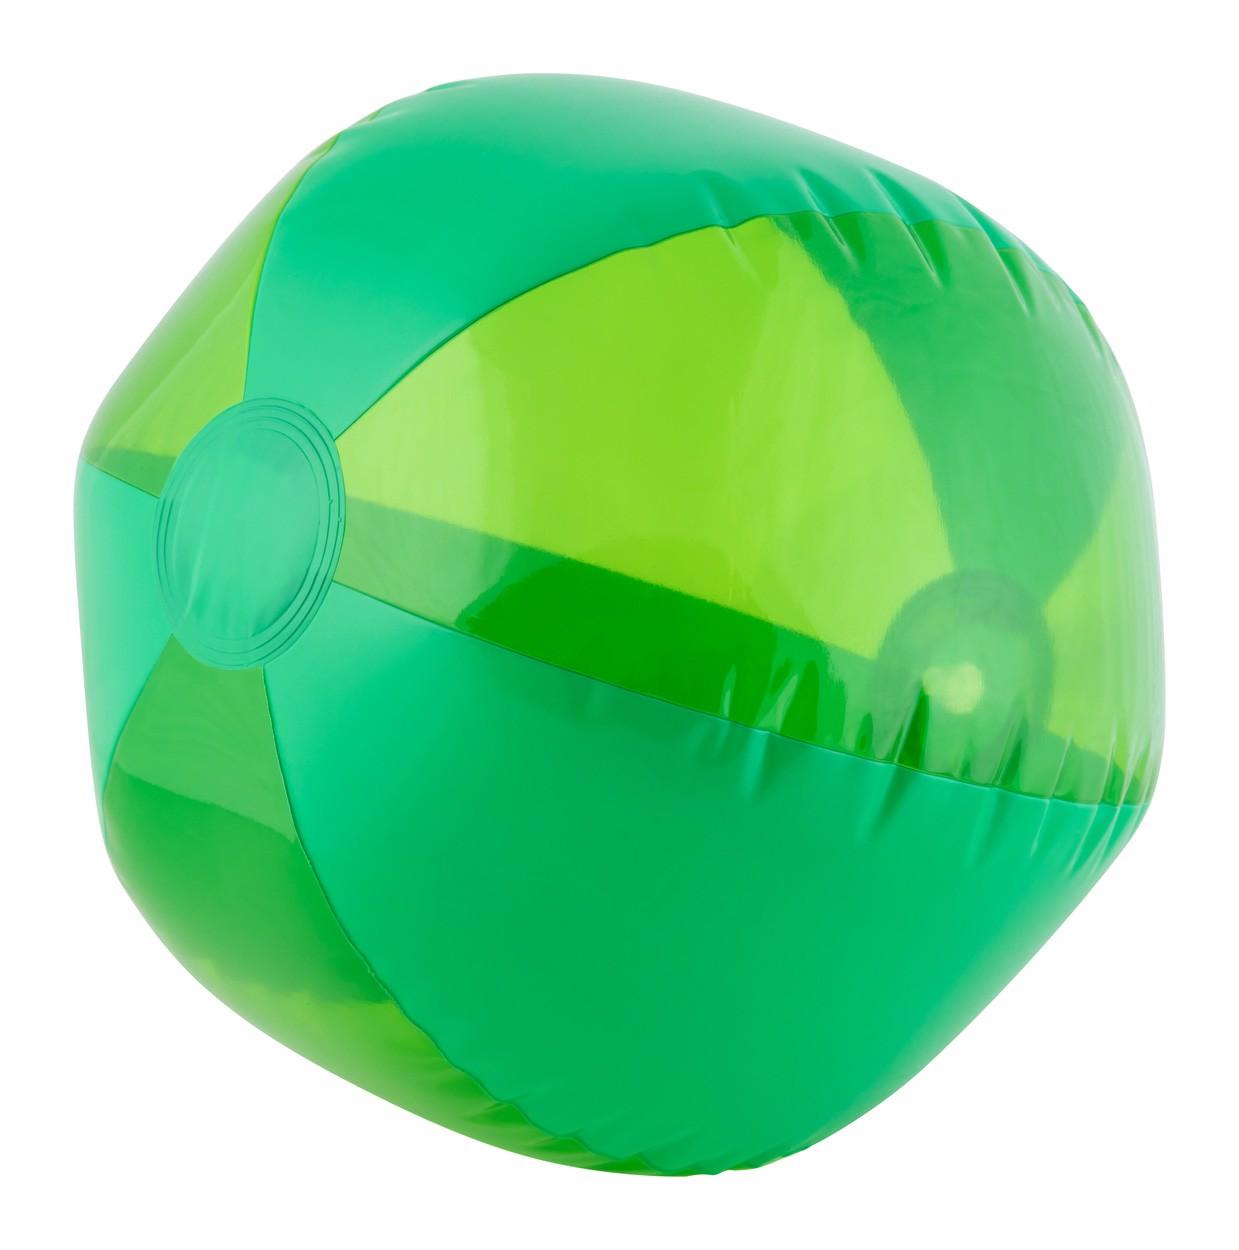 Plážový Míč (Ø26 Cm) Navagio - Zelená